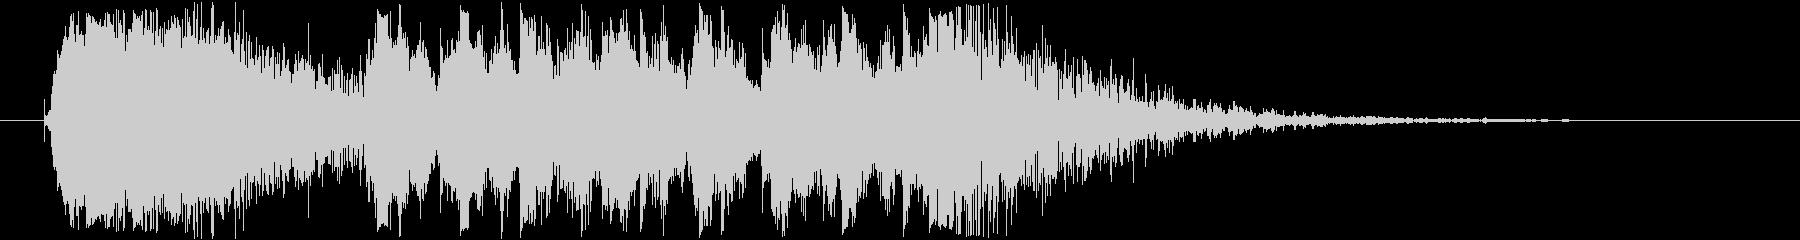 エレクトロ_ハイクオリティージングル_1の未再生の波形